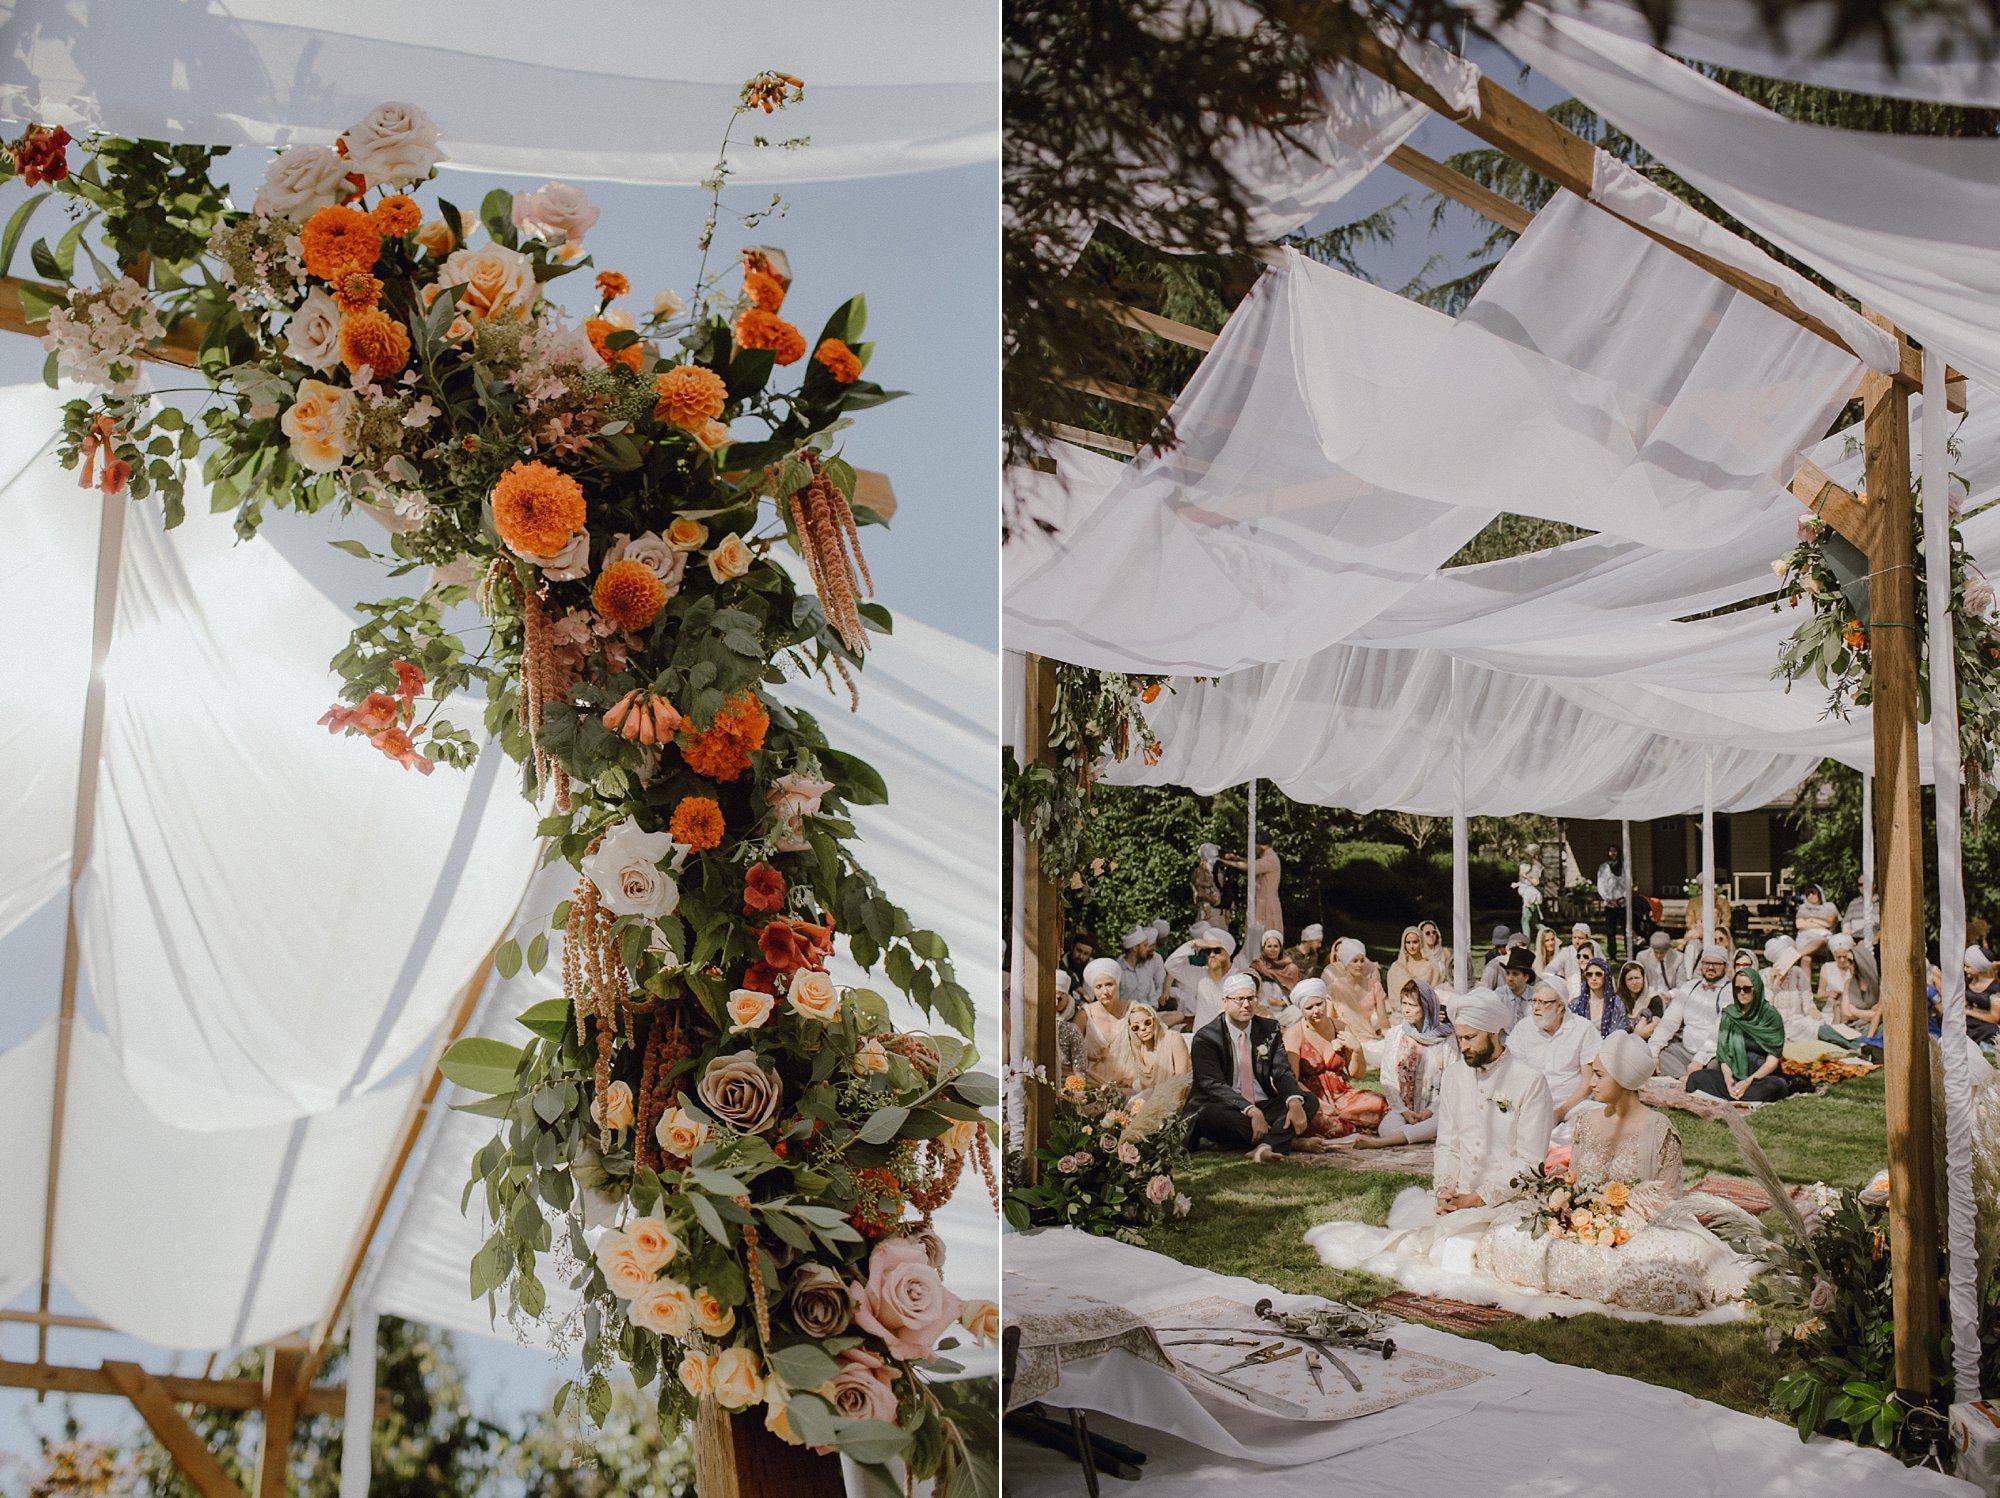 Wedding decor by Vanity Affair Events Portland, Oregon